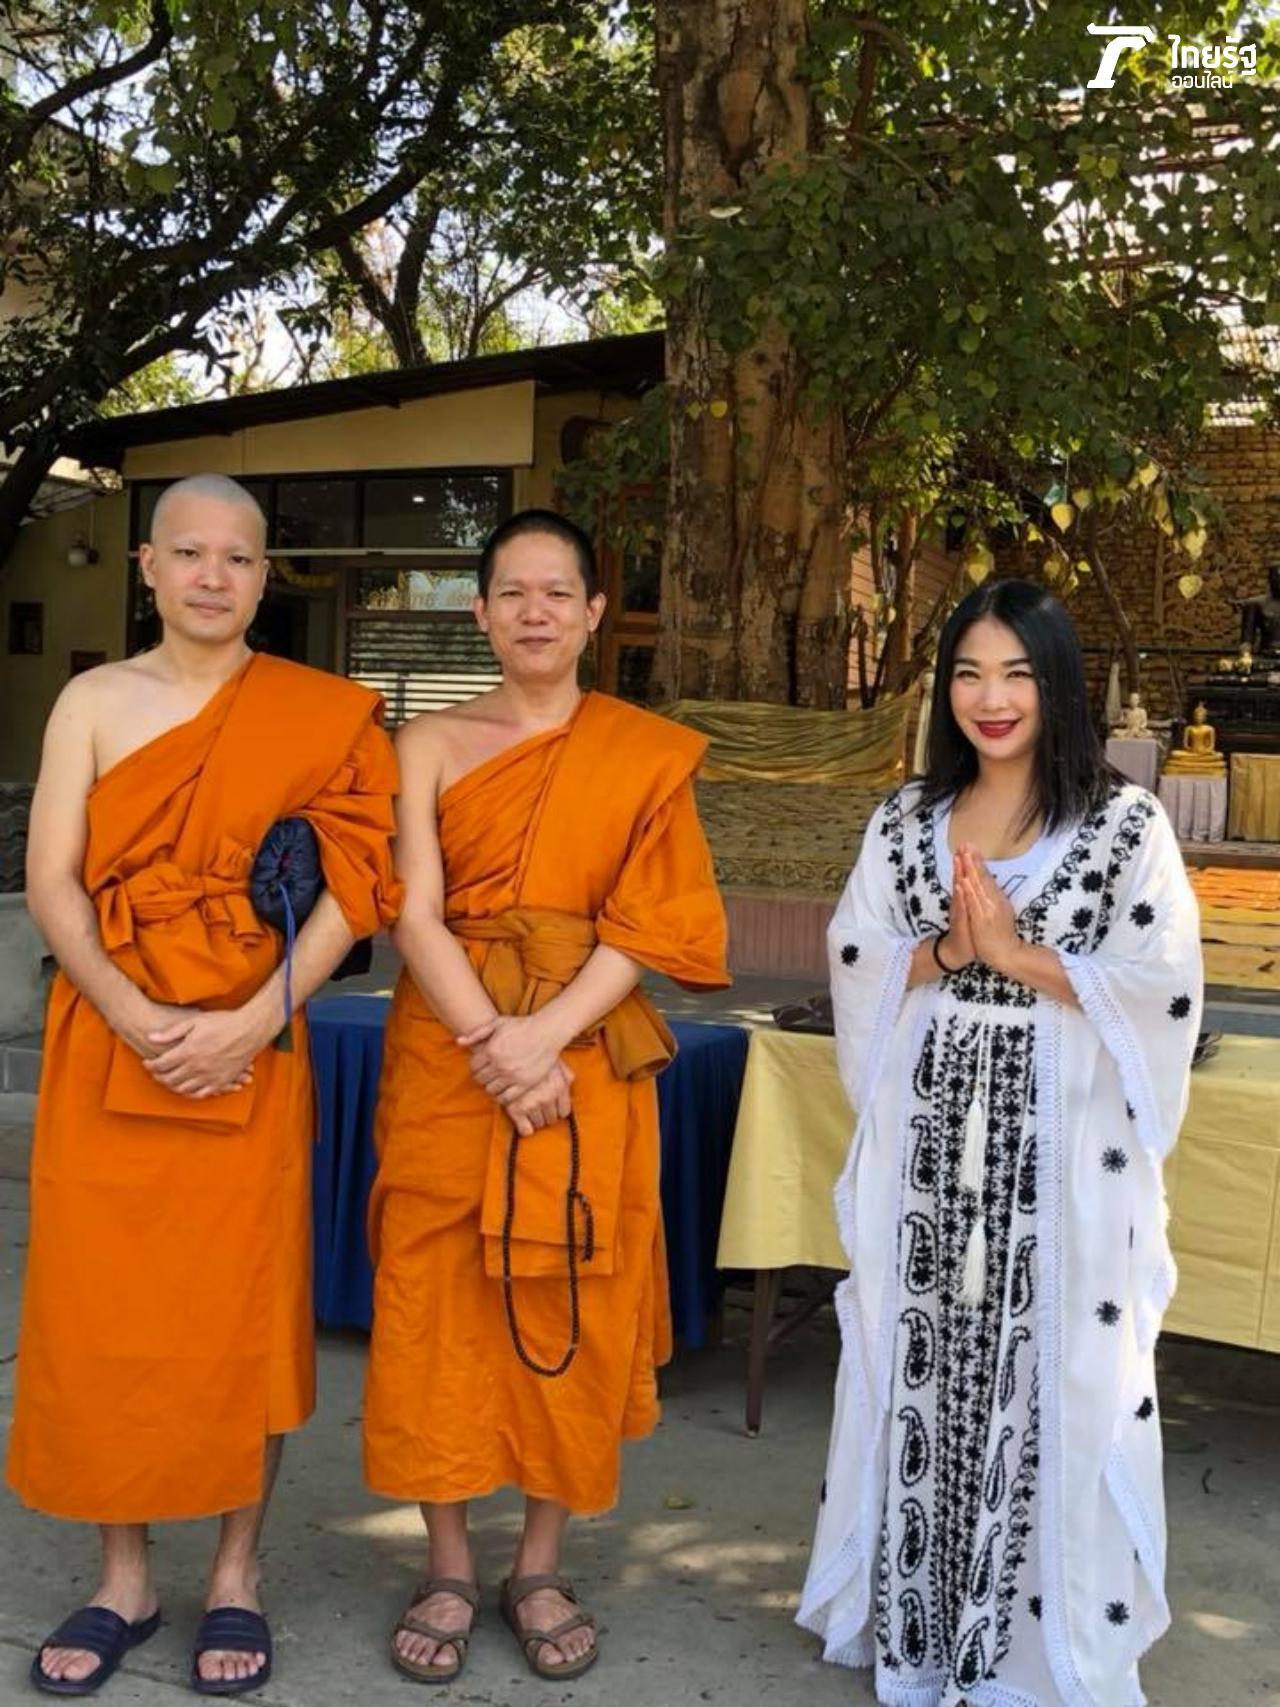 (ท่านกลาง) ท่านป้อม พระครูปลัดโพธิวงศ์วรวัฒน์ (ปิโยรส) เลขานุการเจ้าสำนักเรียน วัดไทยพุทธคยา